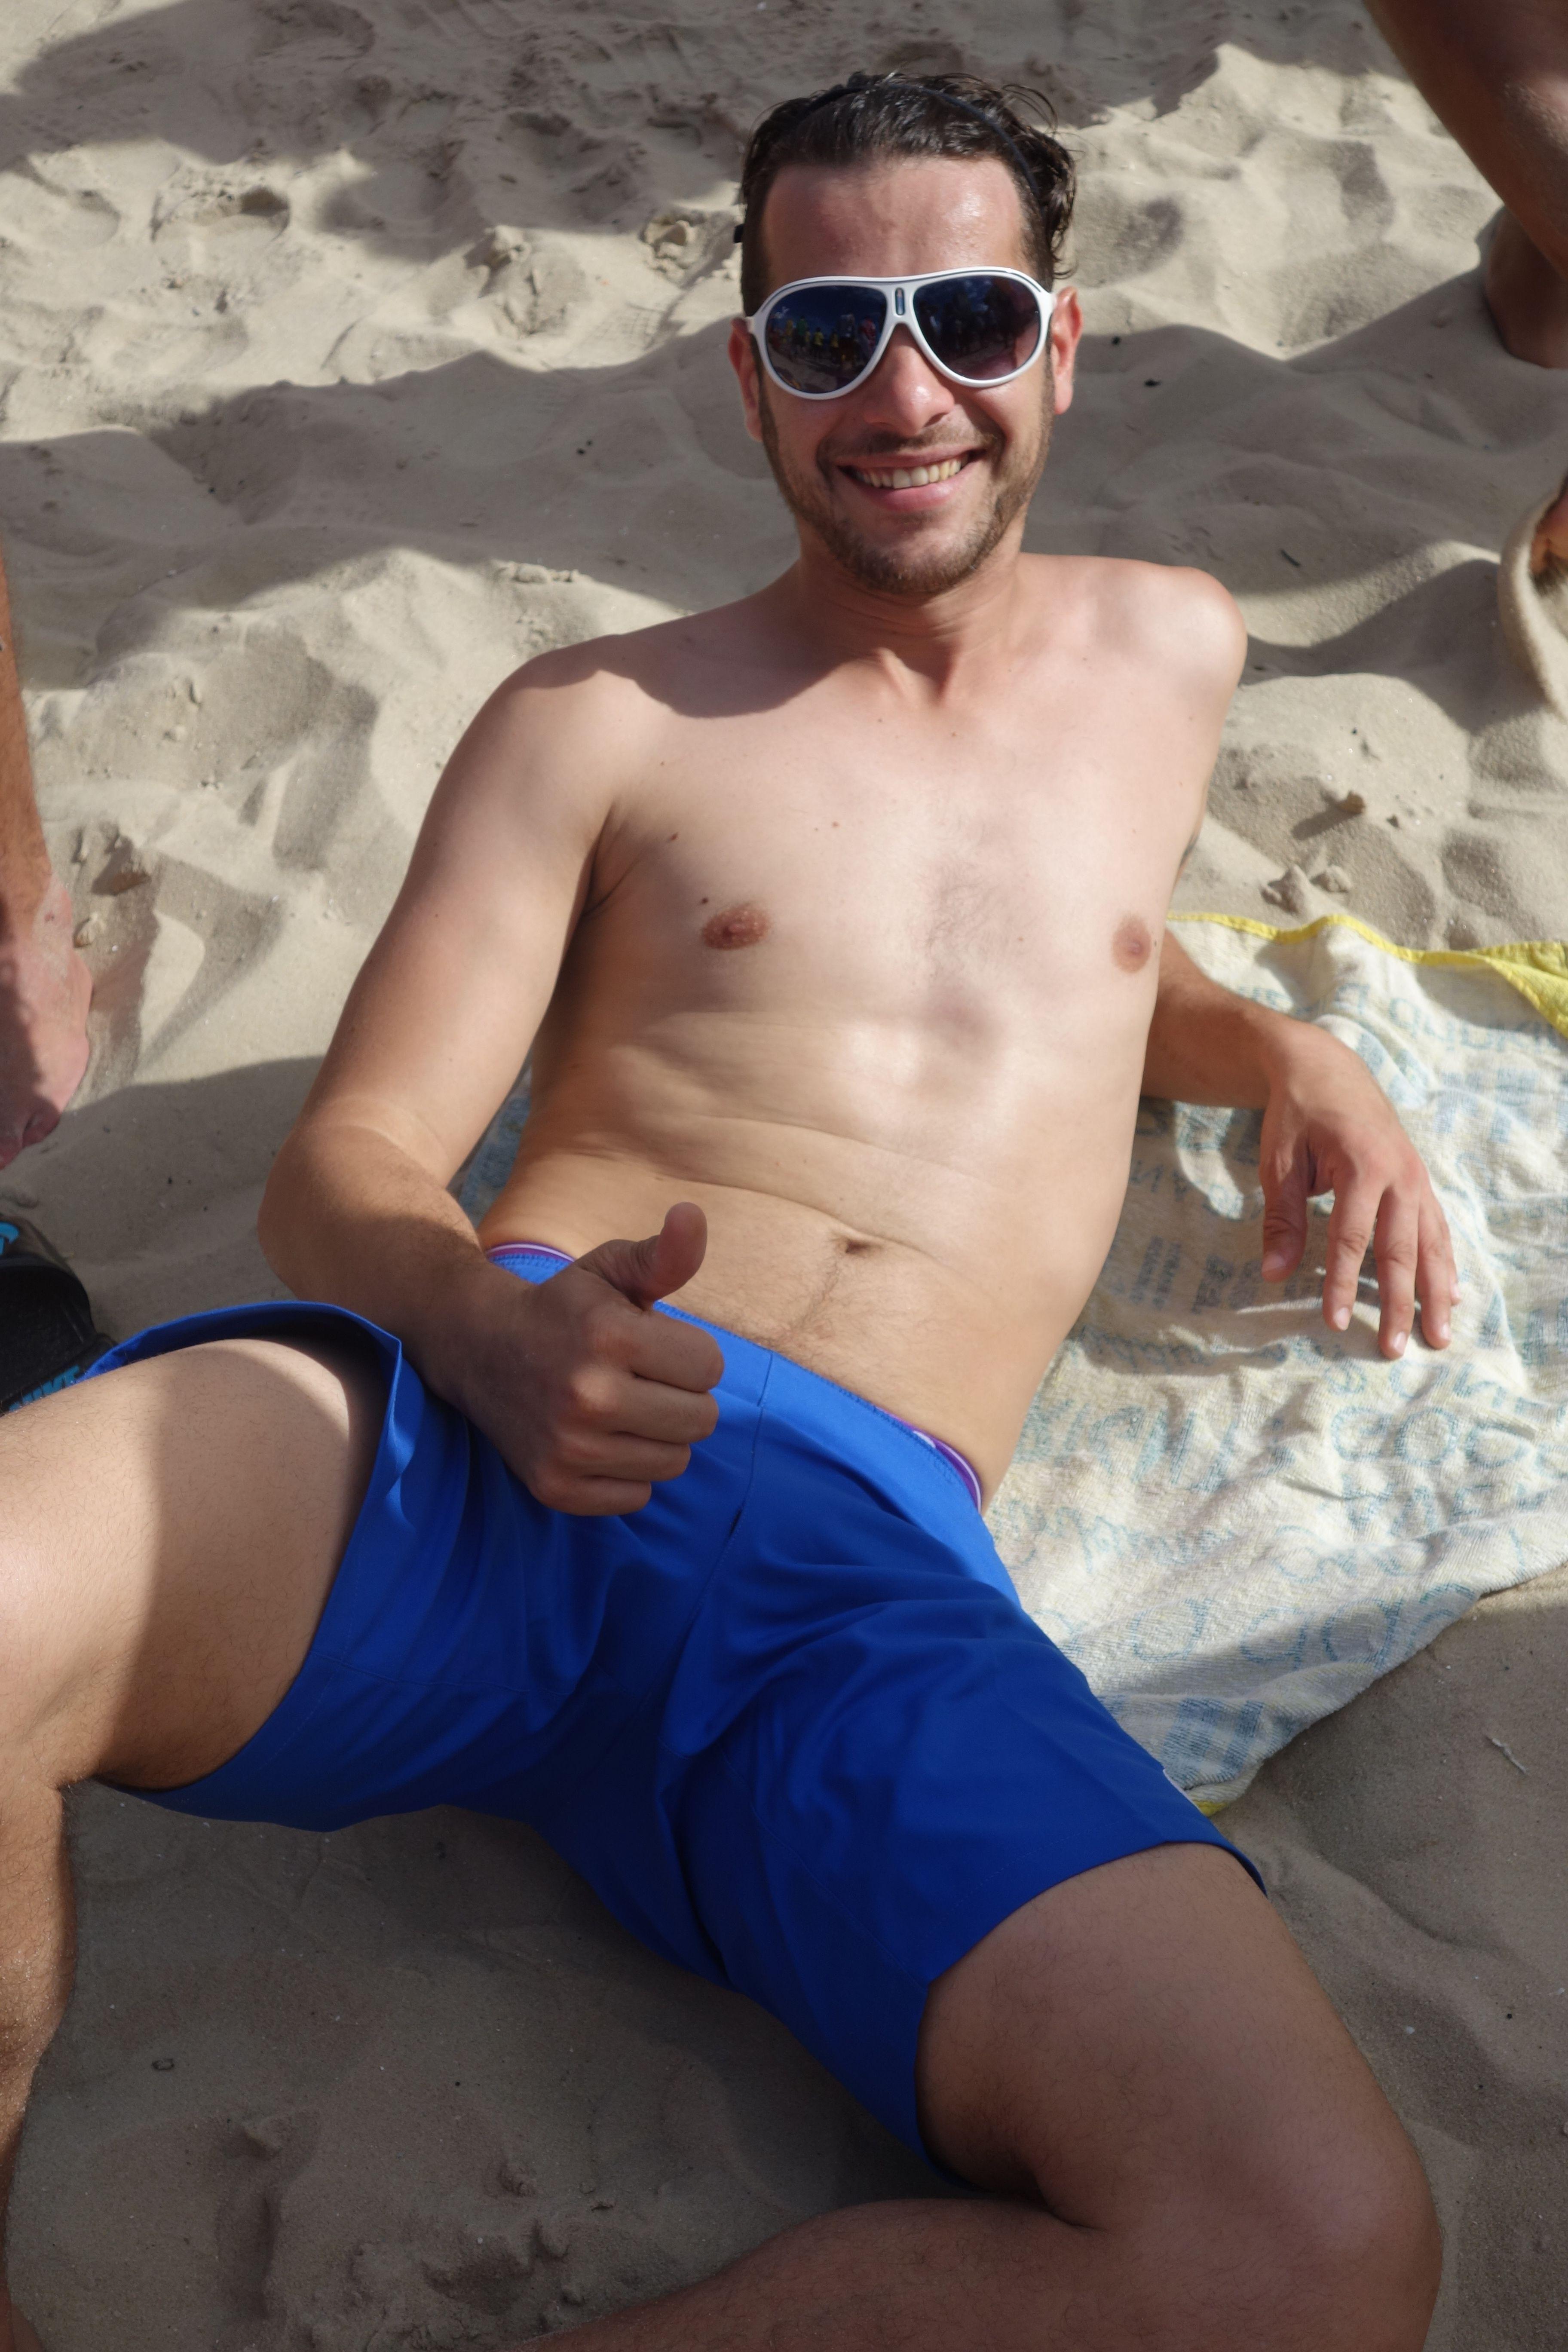 COUPE DU MONDE BRESIL 2014: Plage de Copacabana, si le Bresil retient son souffle, Alex profite du soleil...